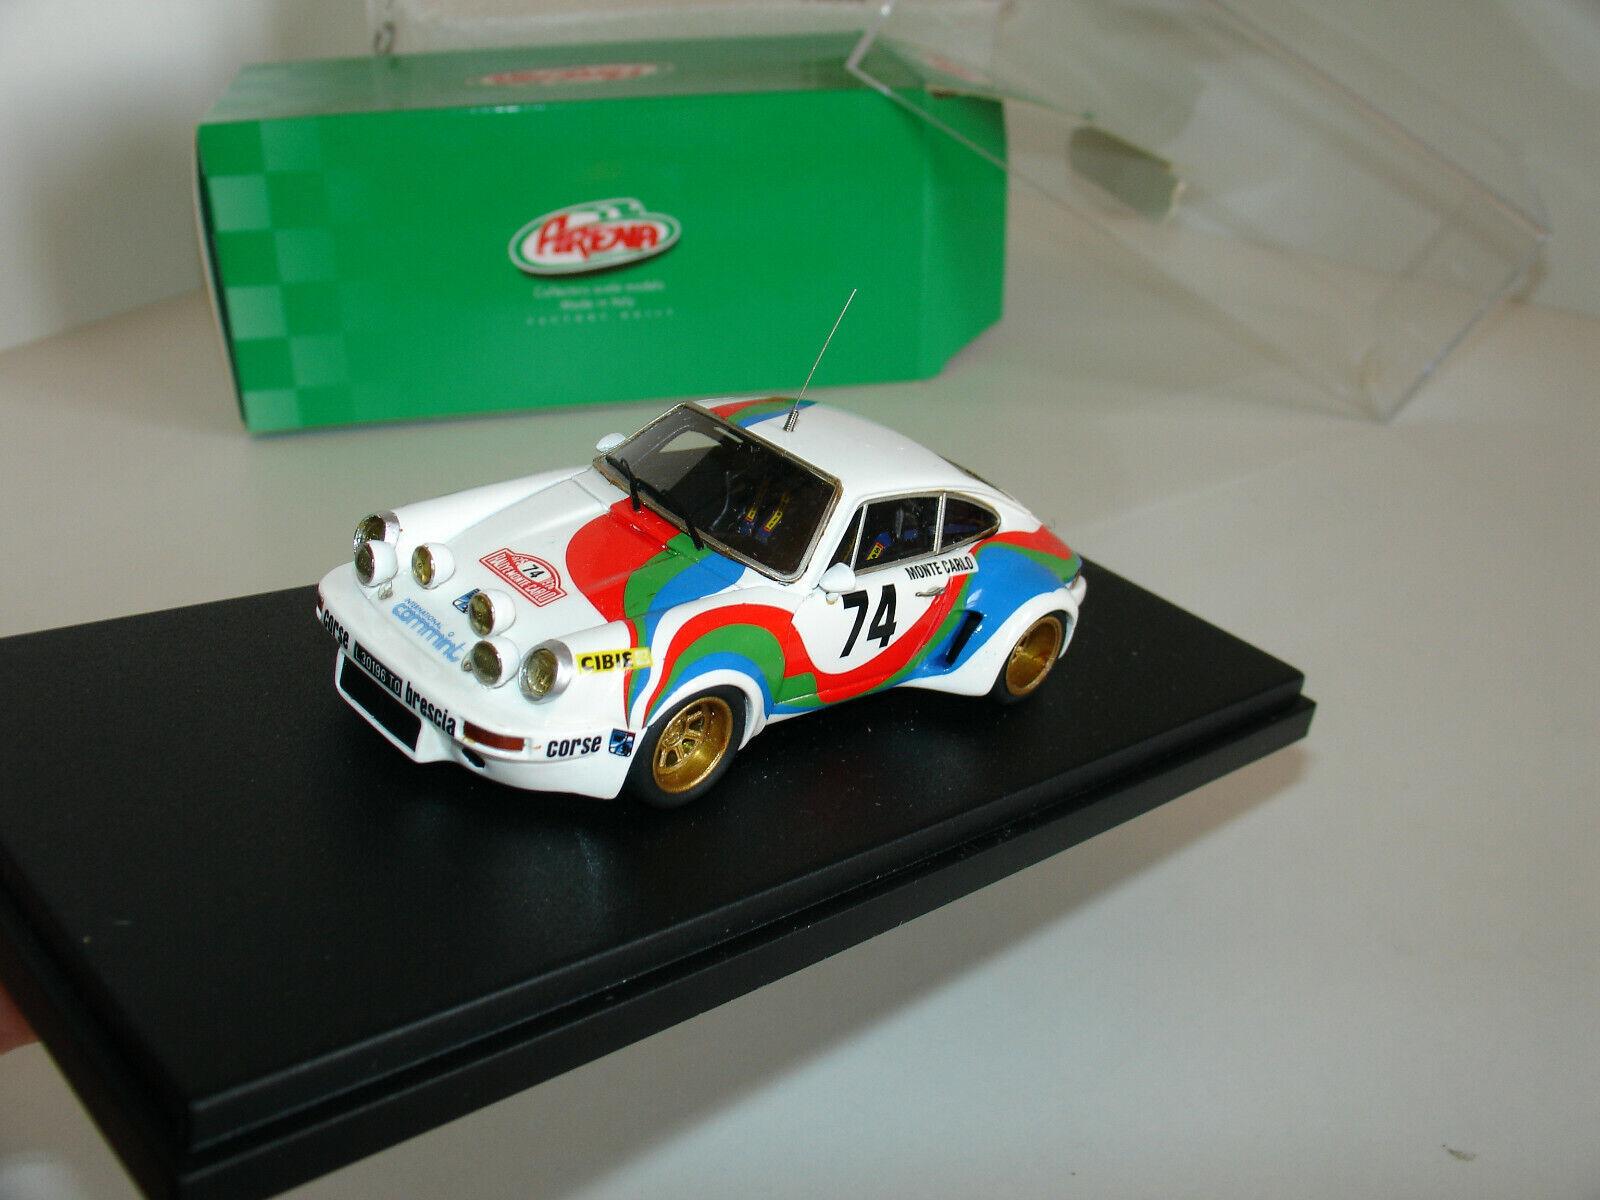 1 43 PORSCHE 911 CARRERA RSR GR.4  74 RALLY MONTE CARLO 1975 by ARENA ModellllS